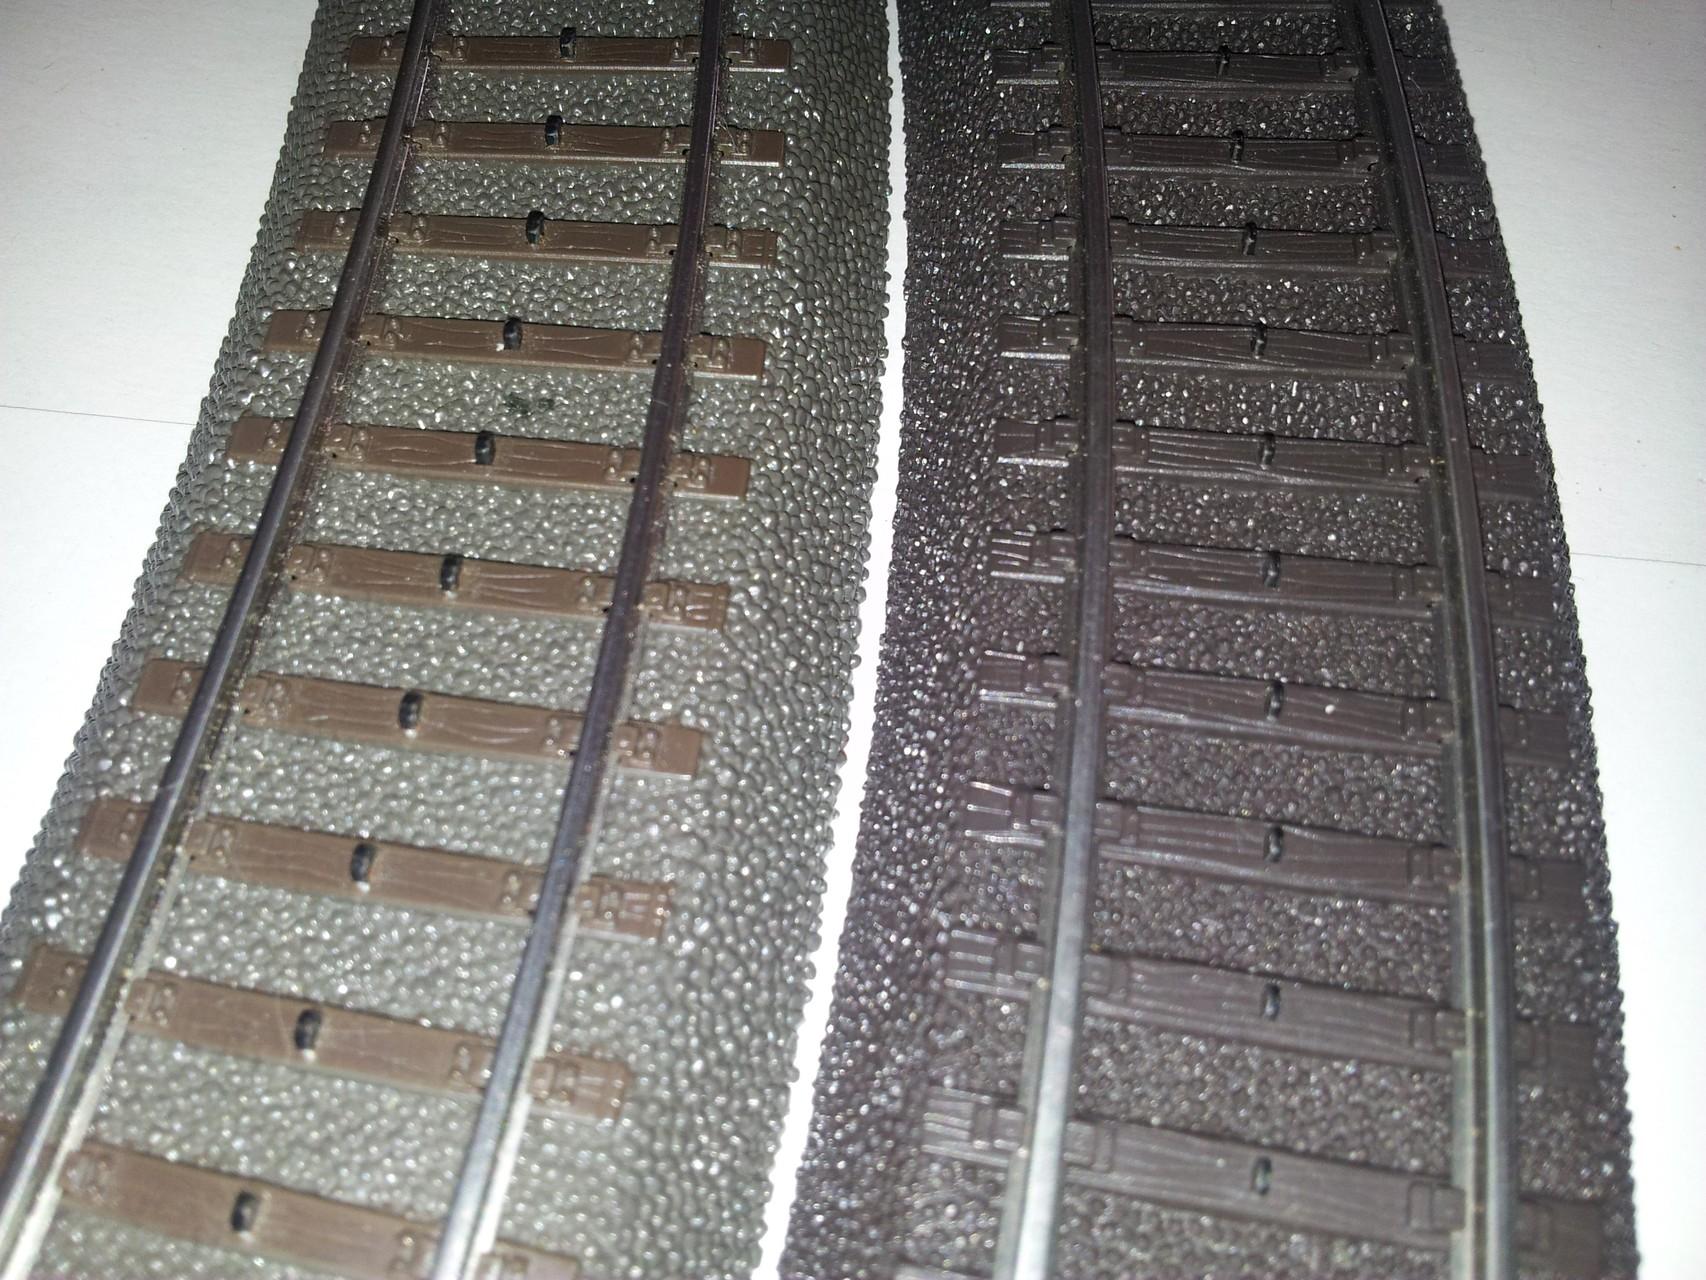 Links das C-Gleis. Böschung in Anthrazit, Schwellen Braun.  Rechts das Alpha-Gleis. Böschung und Schwellen aus einheitlichem, dunklen Braun